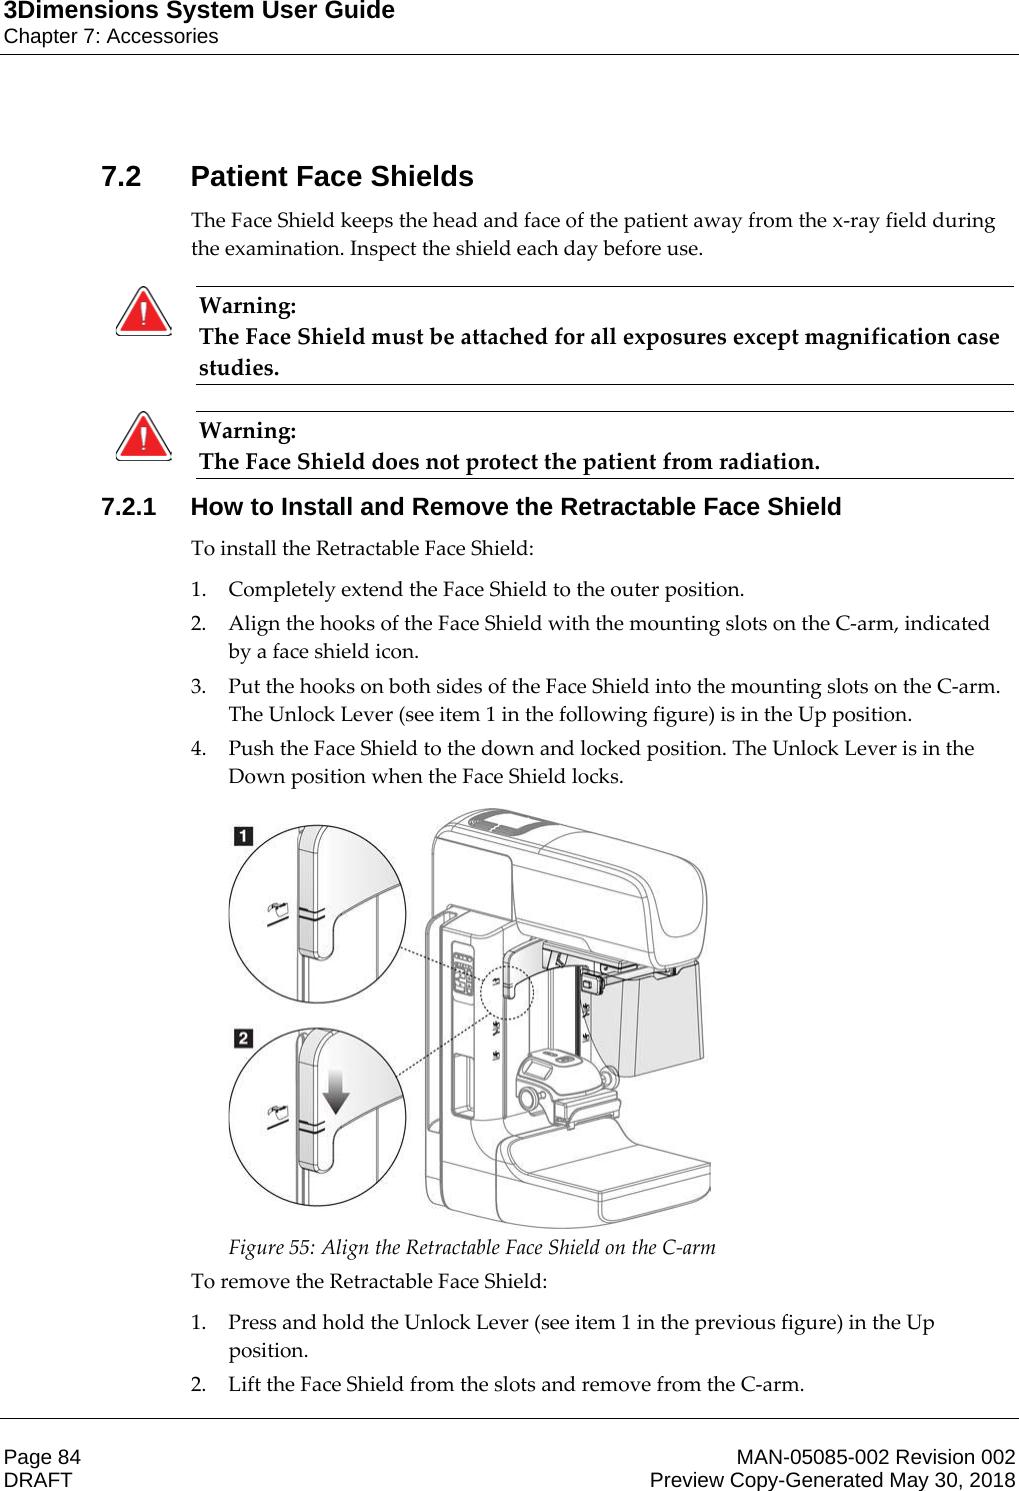 hologic selenia dimensions service manual